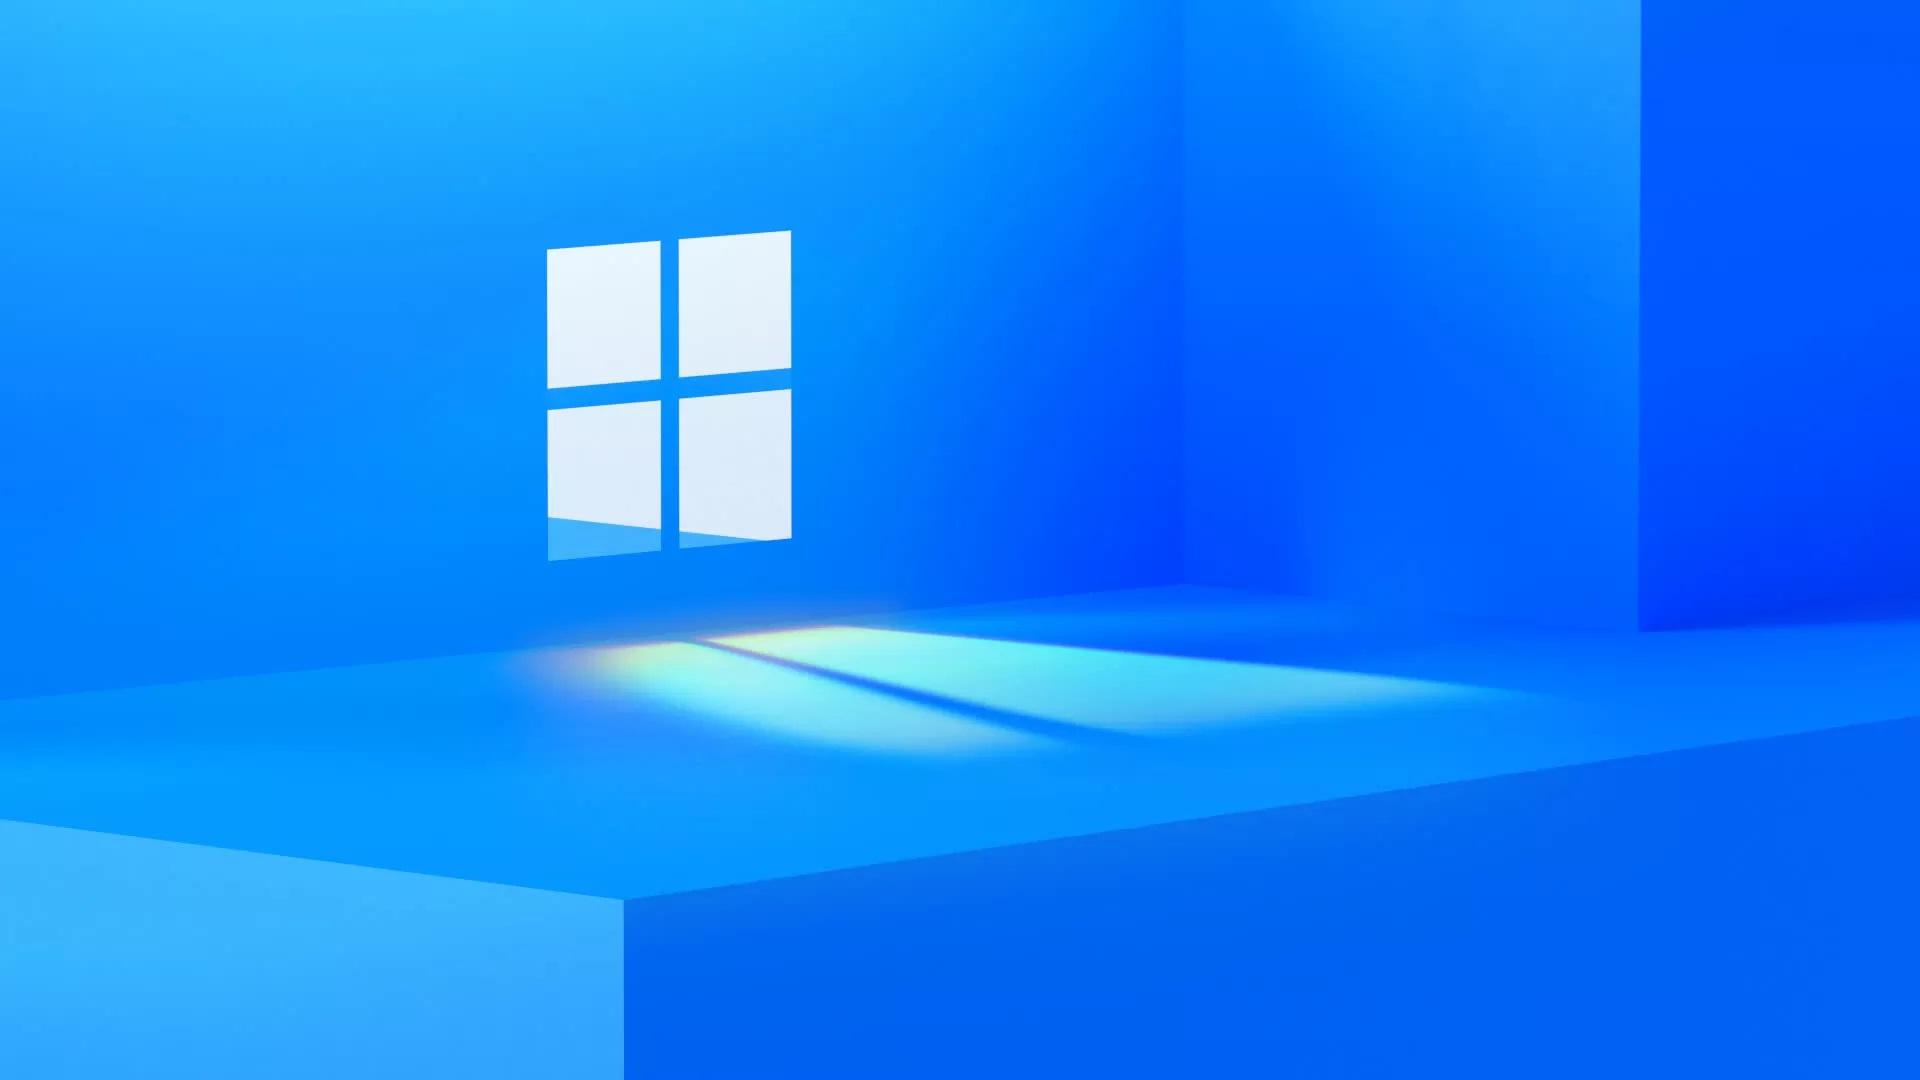 تاریخ معرفی نسخه جدید ویندوز مایکروسافت مشخص شد: ۳ تیر ۱۴۰۰